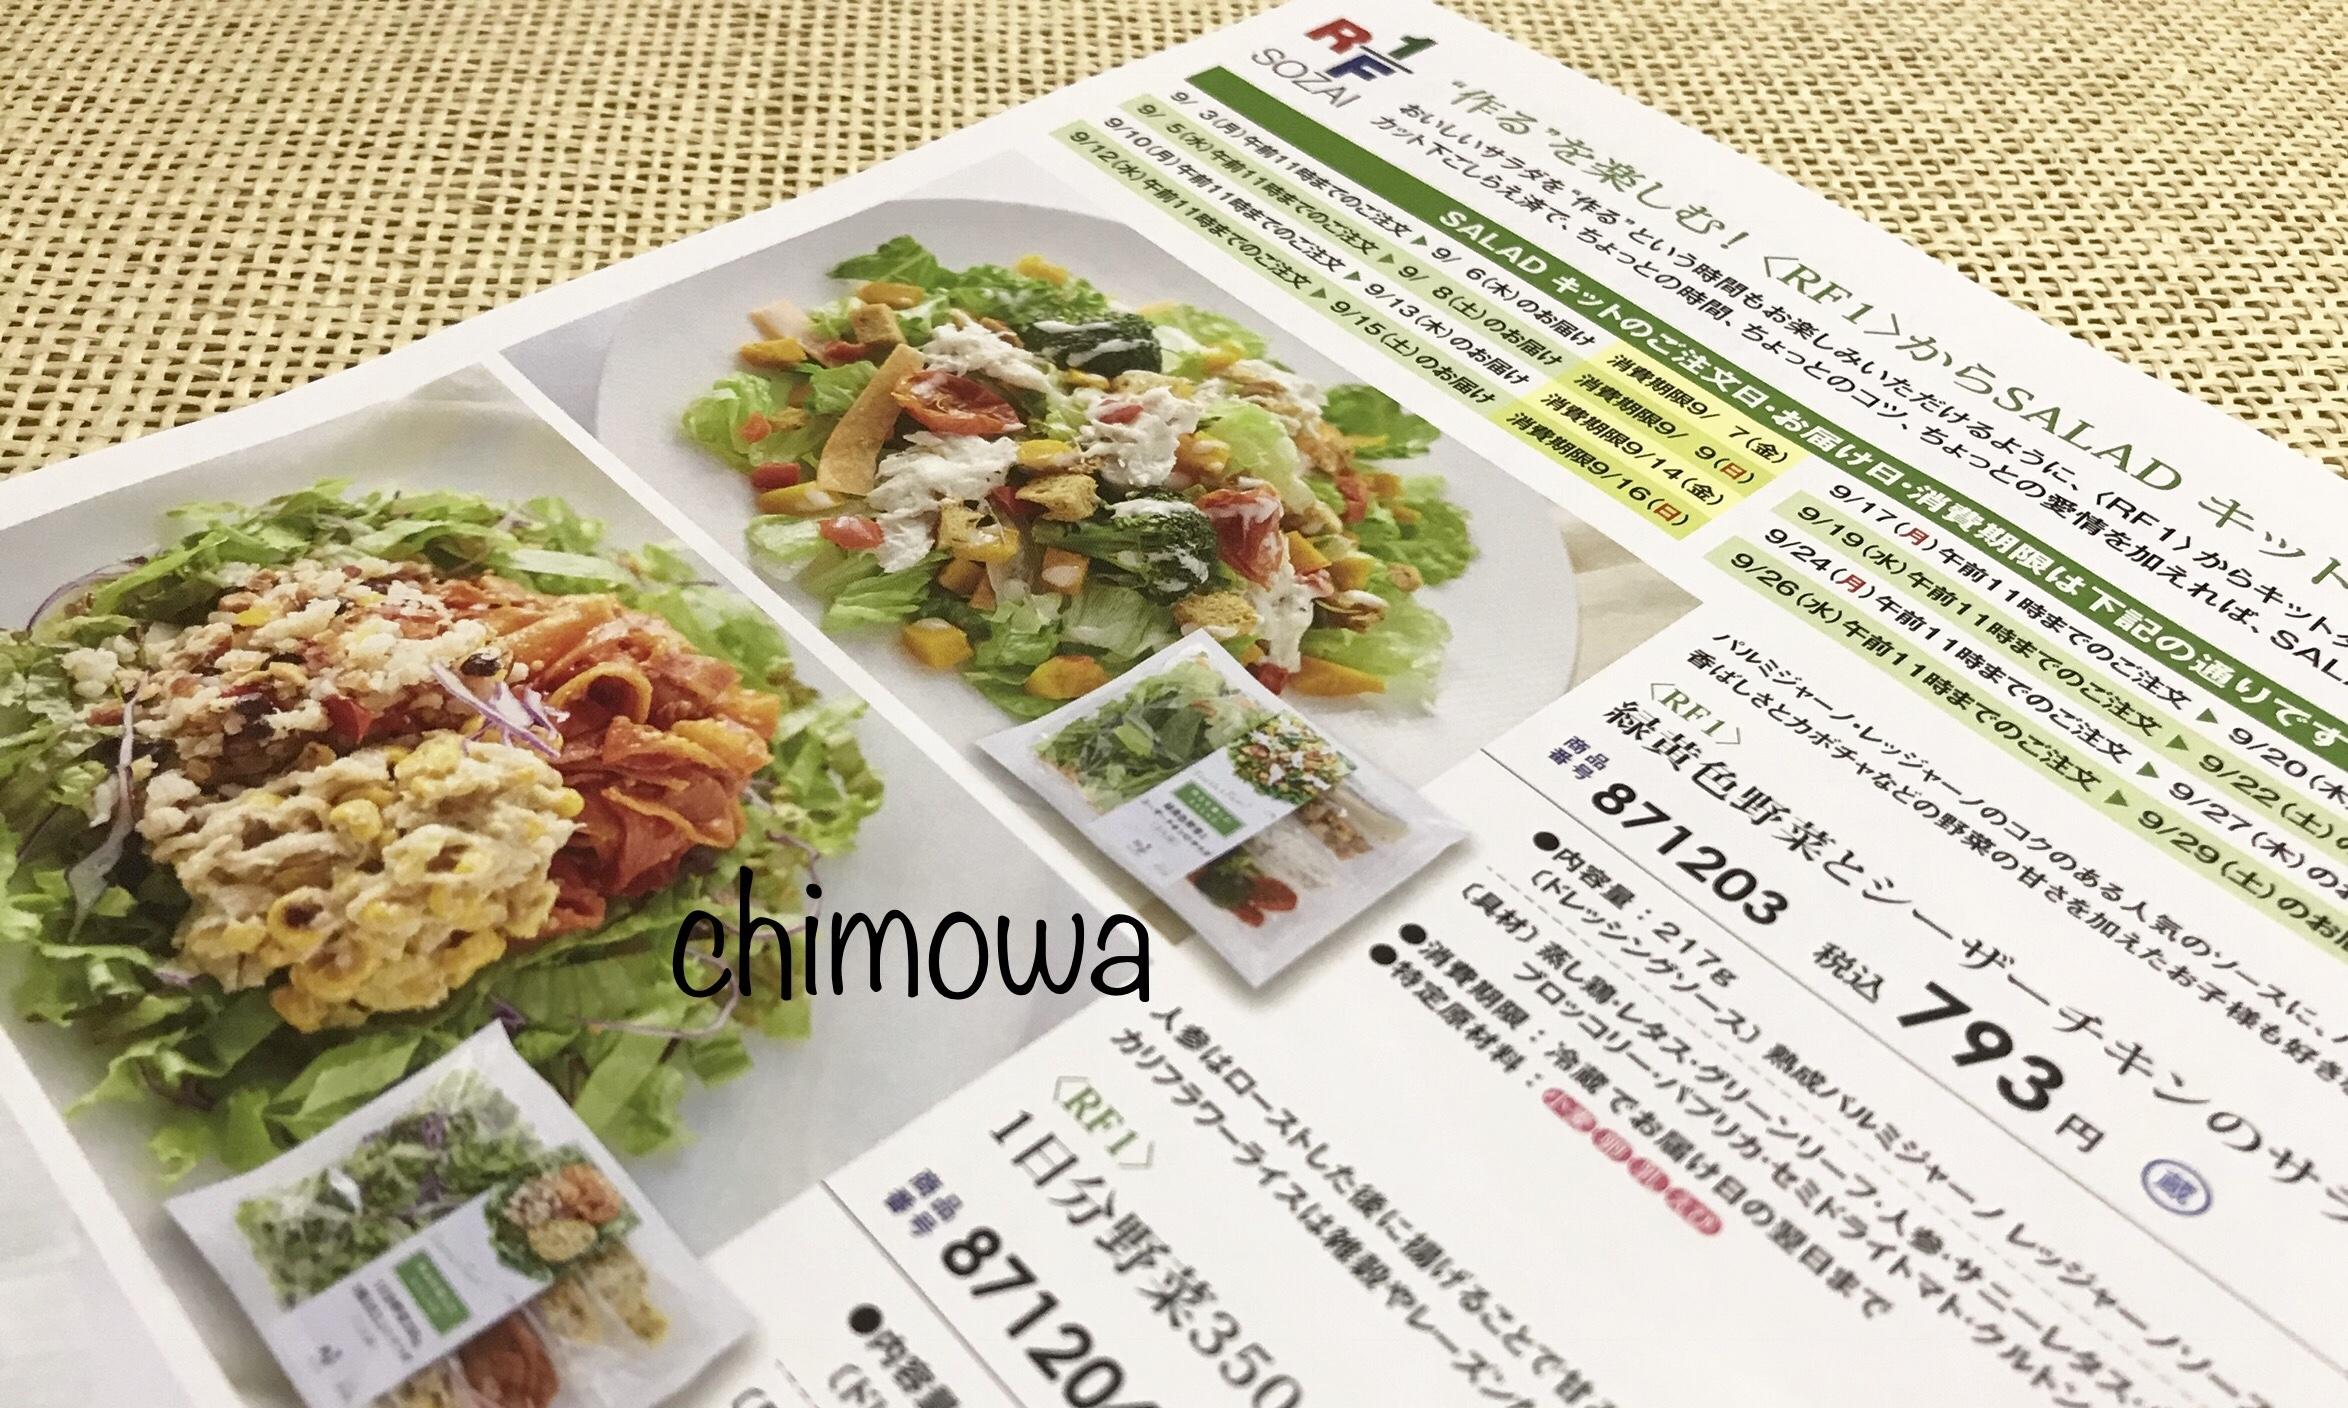 高島屋ローズキッチン「アール・エフ・ワン サラダキット」のチラシの写真